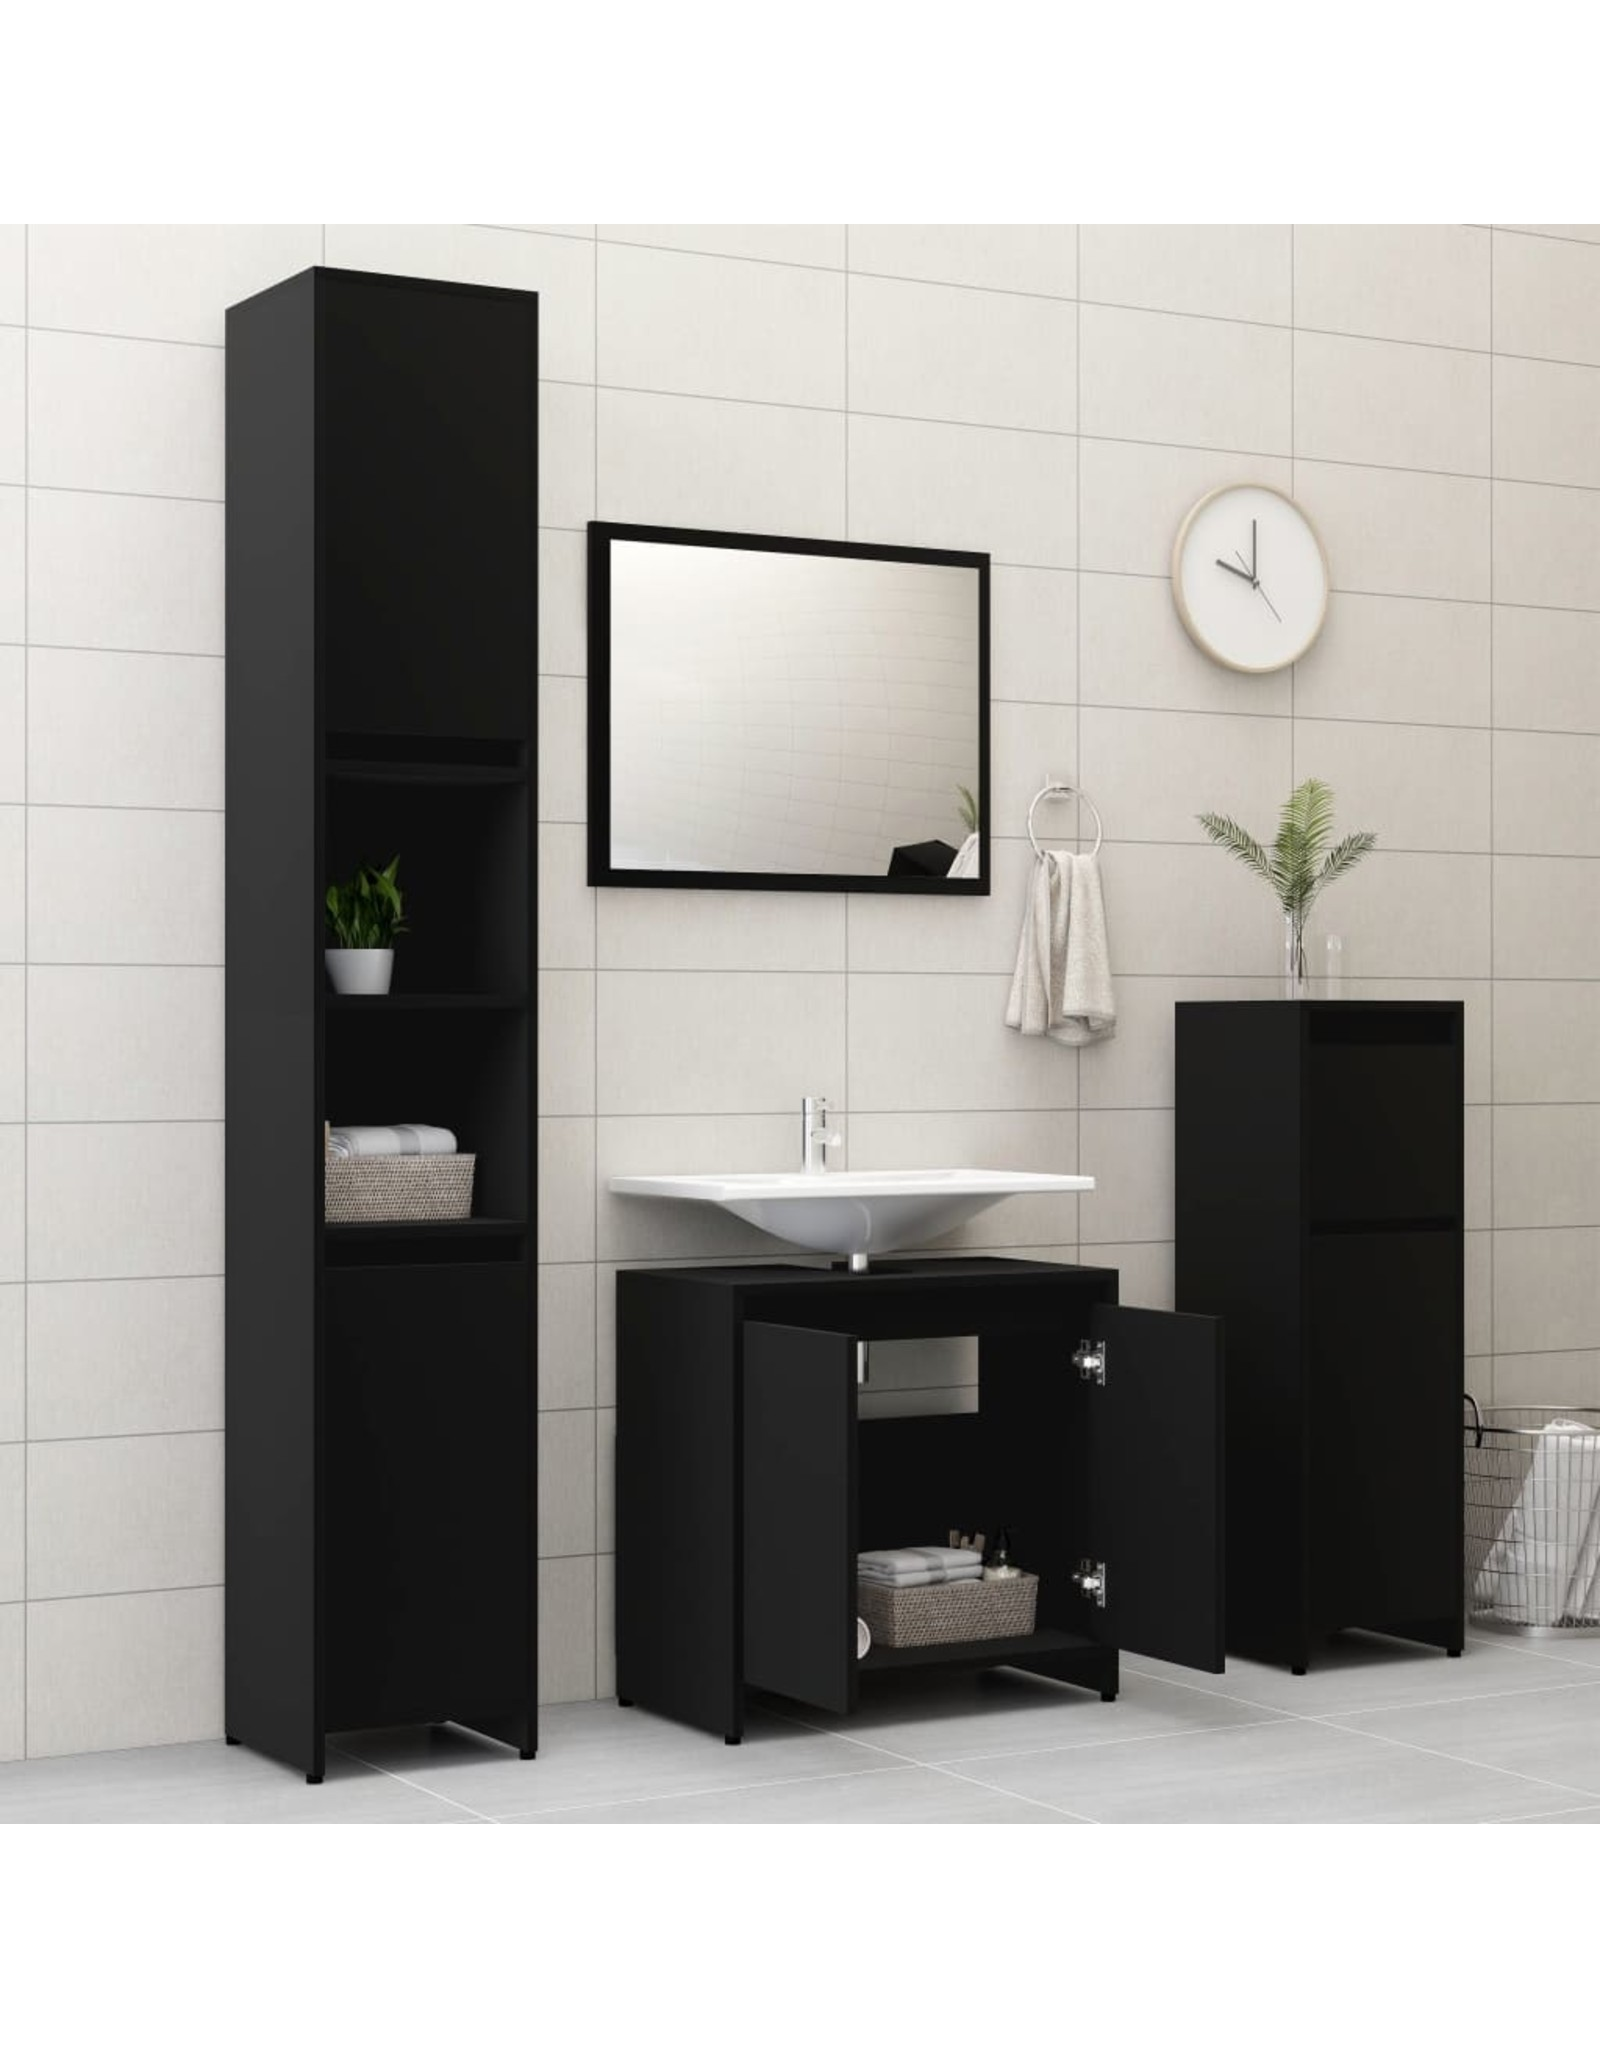 3-delige Badkamermeubelset spaanplaat zwart